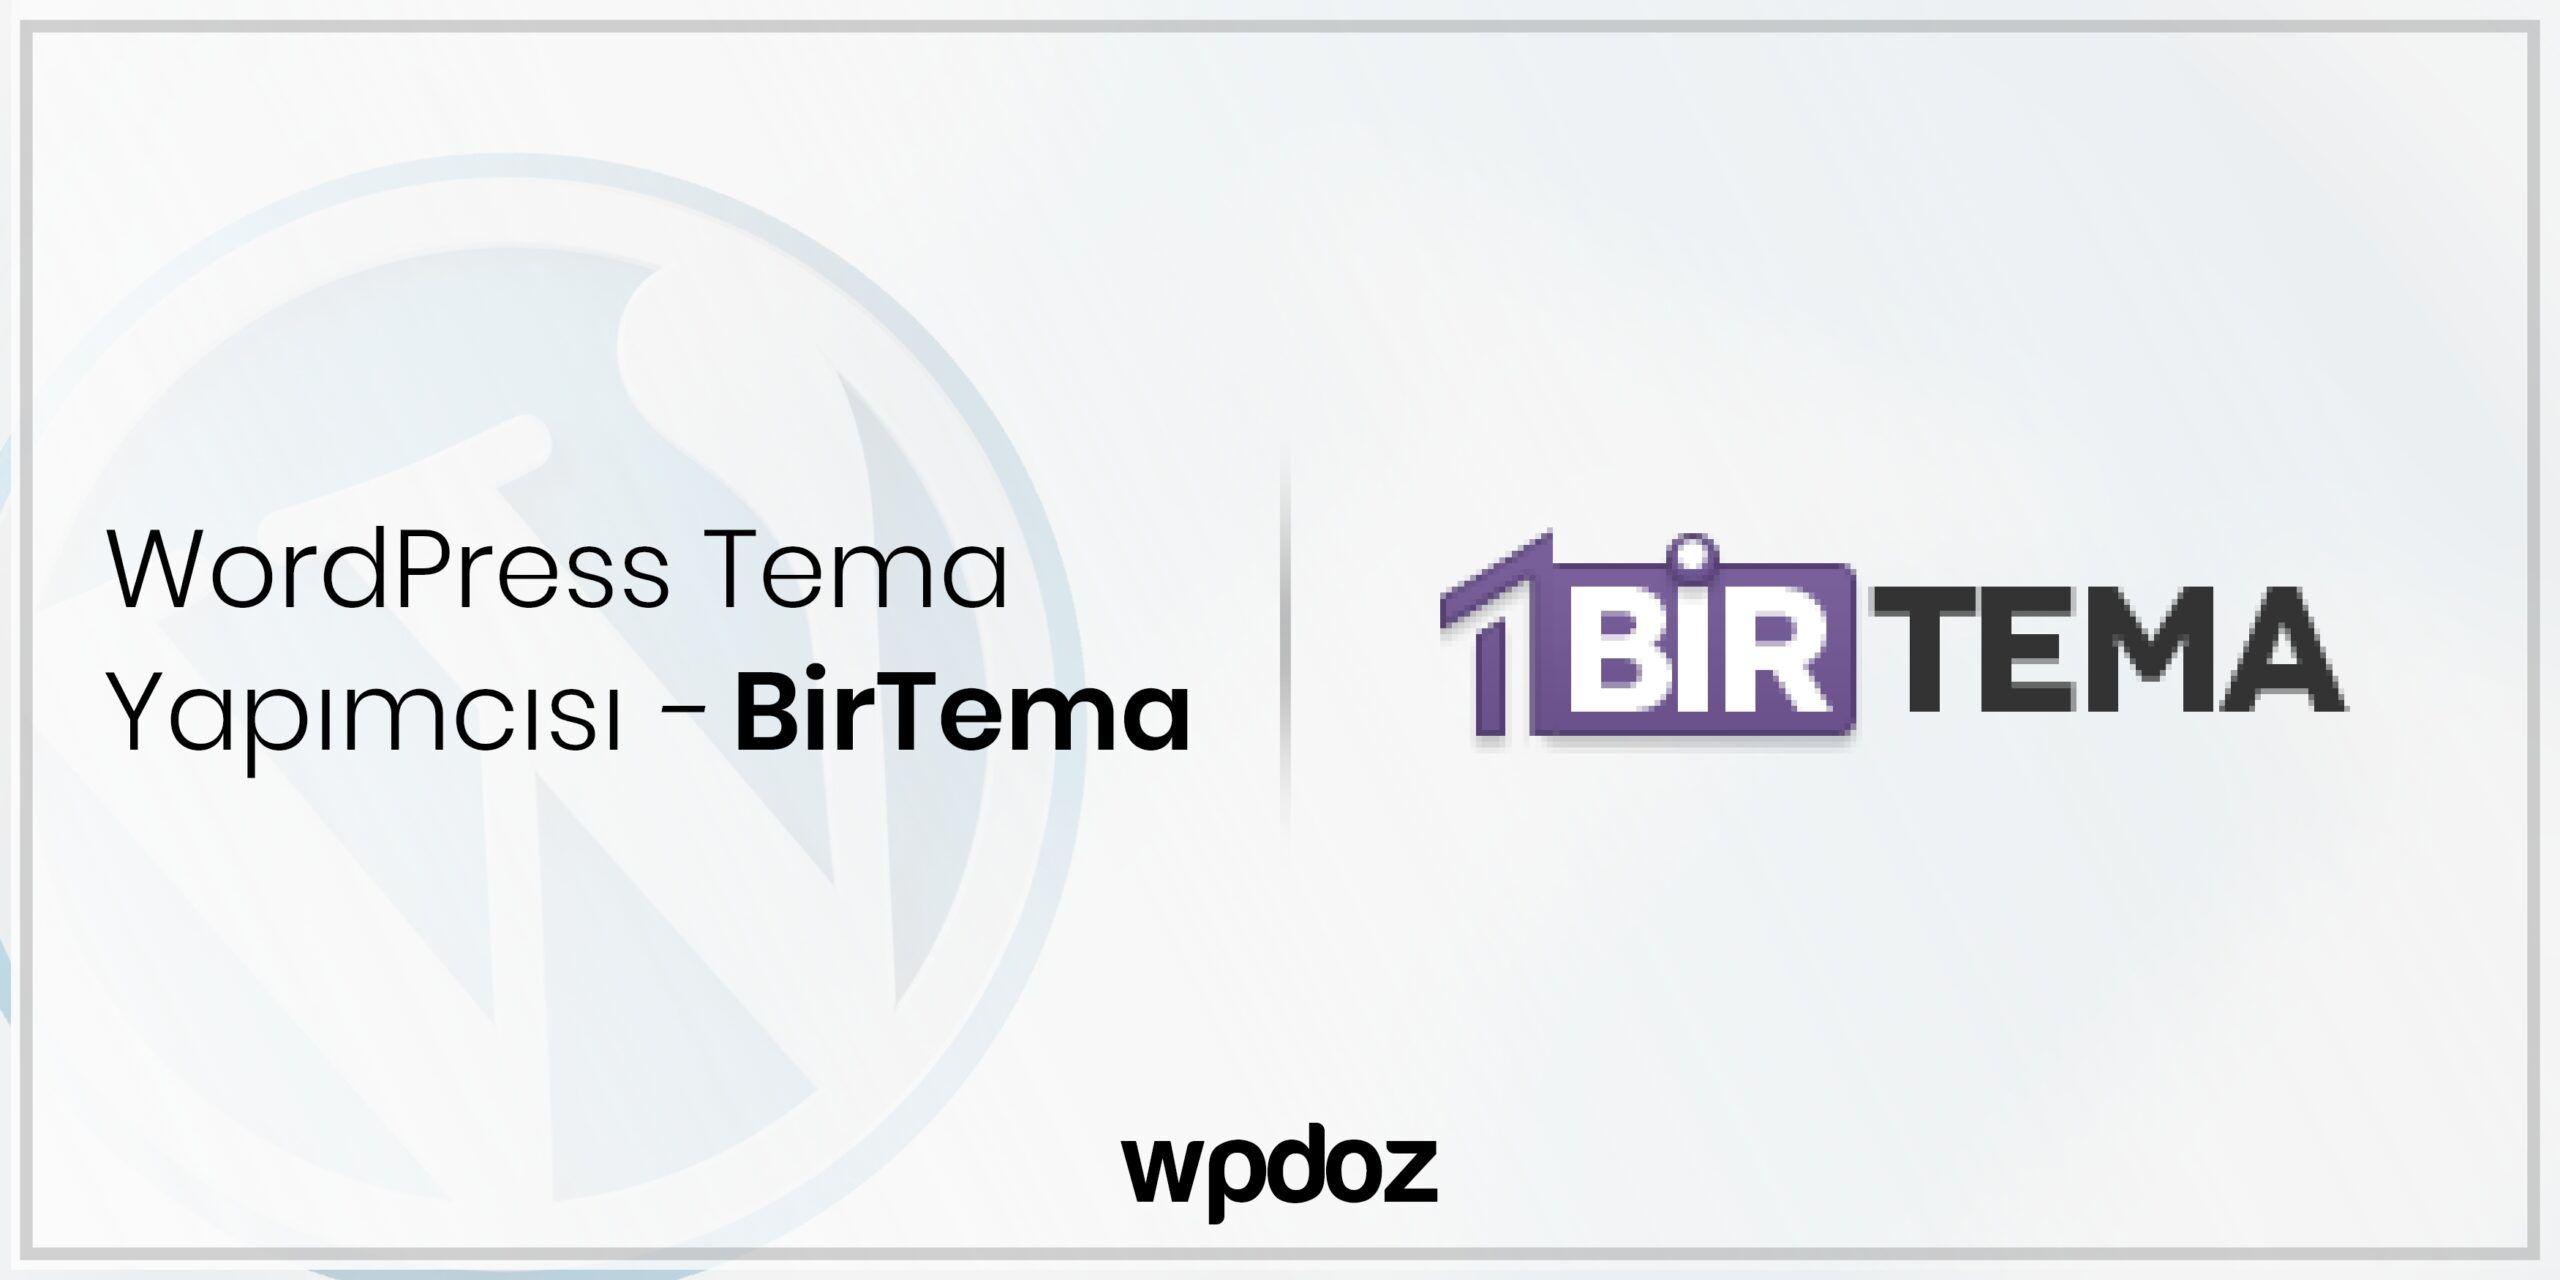 WordPress Temaları Yapımcısı Olan BirTema'yı Tanıyalım